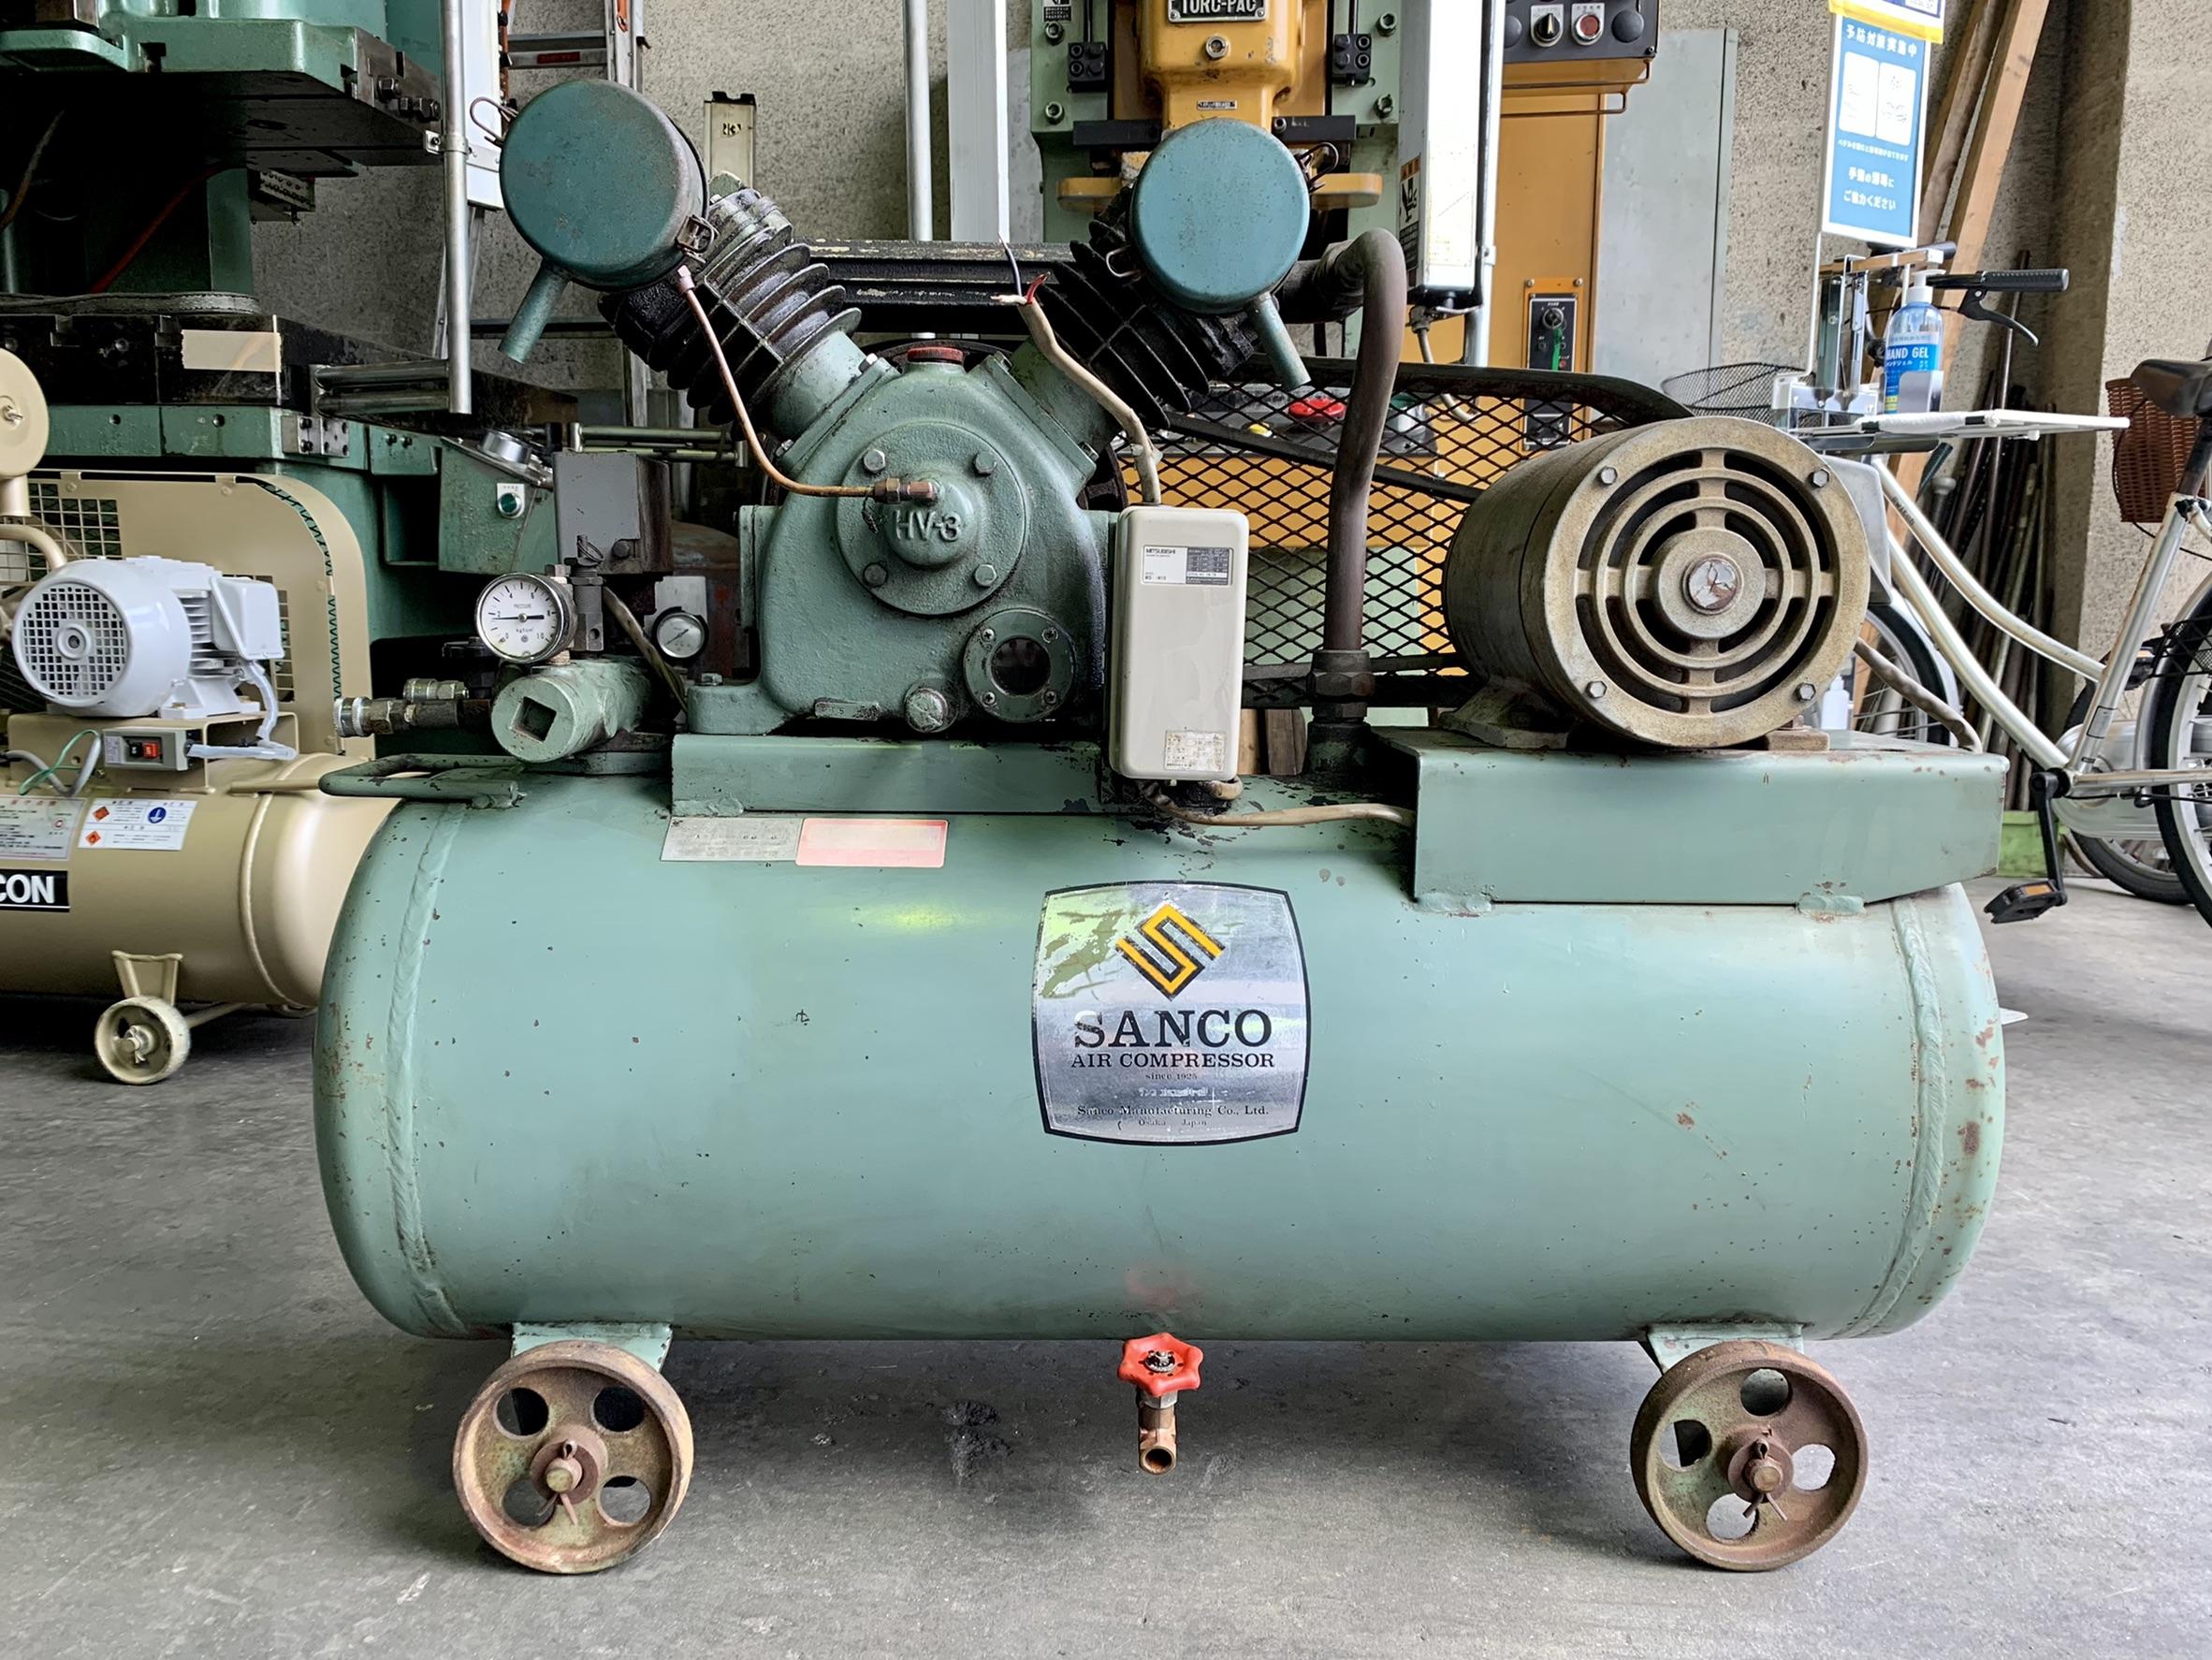 三黄機械製作所_AHV-3_2.2kWエアーコンプレッサー